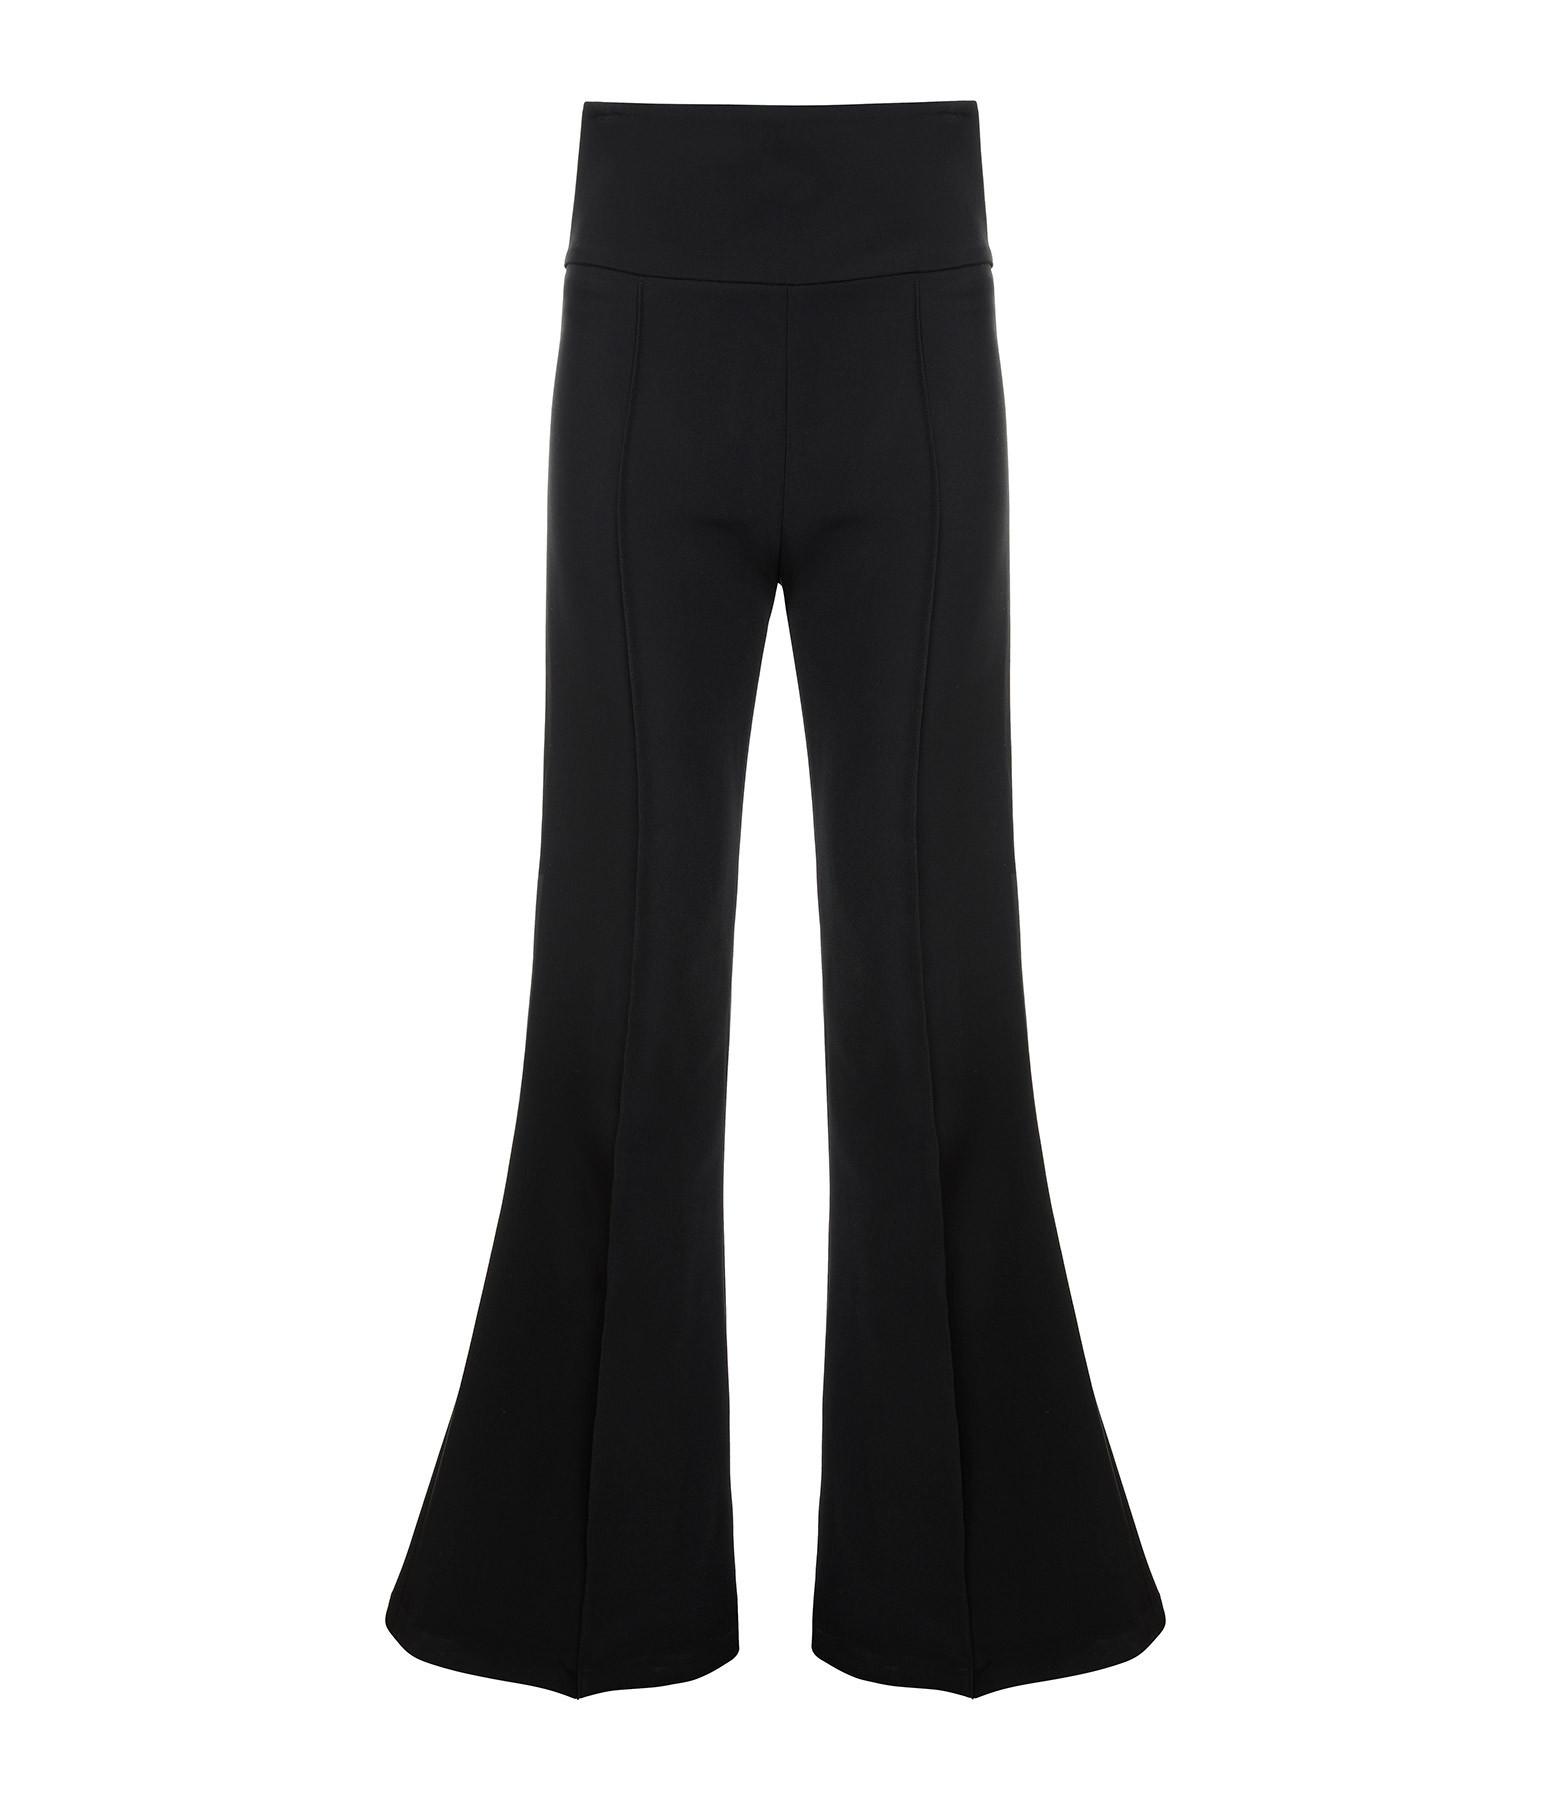 OUD - Pantalon Celine Sergé Noir